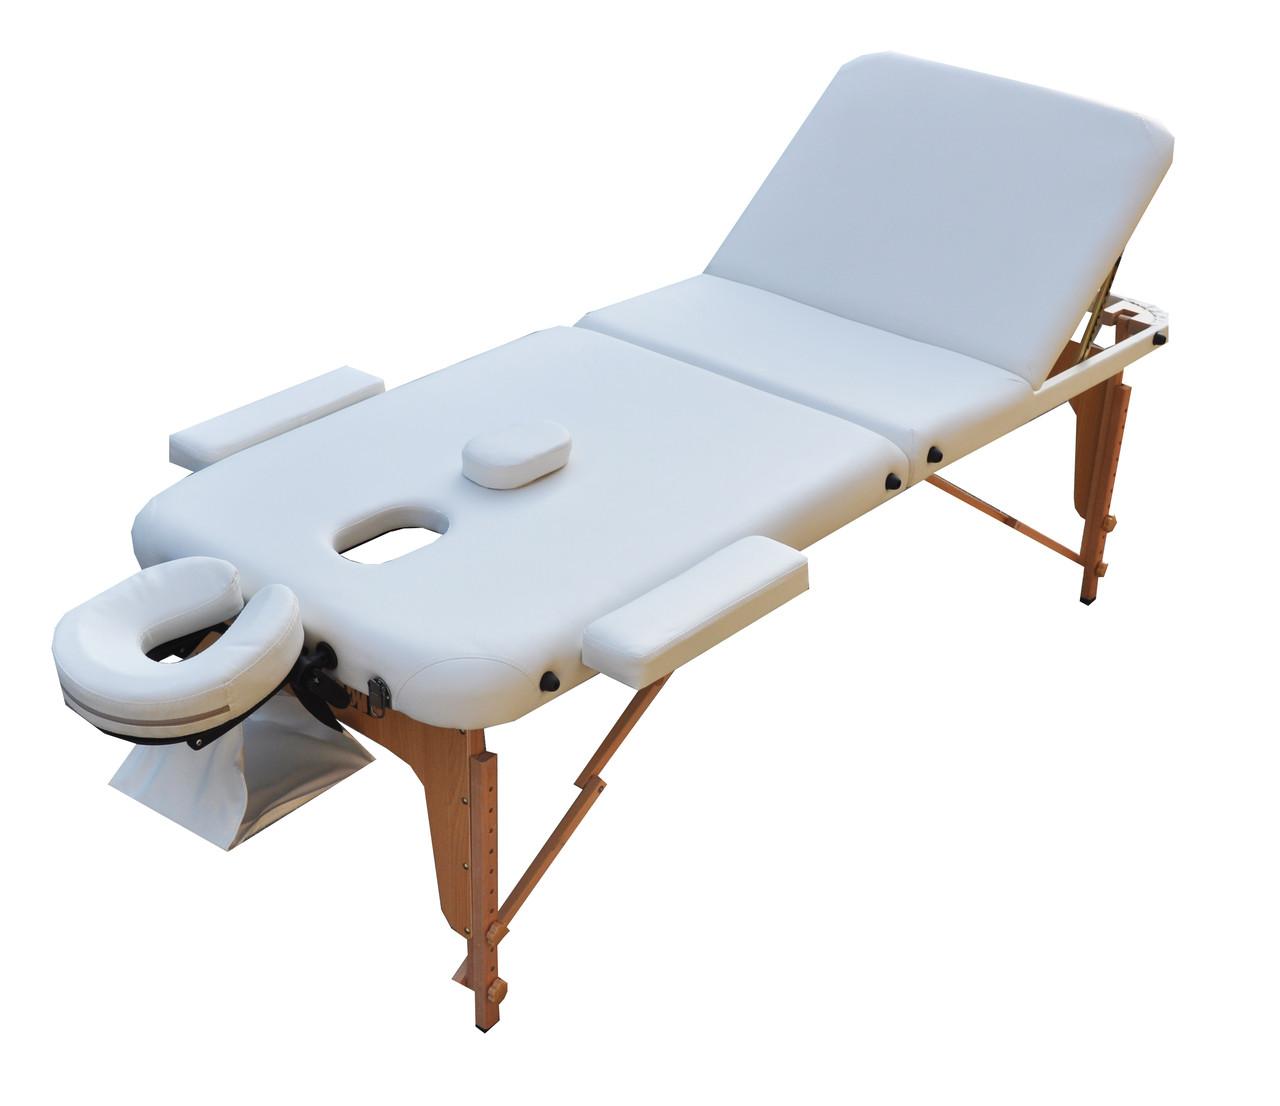 Массажный стол трехсекционный. Белый, размер М (185*70*61).  ZENET ZET-1047